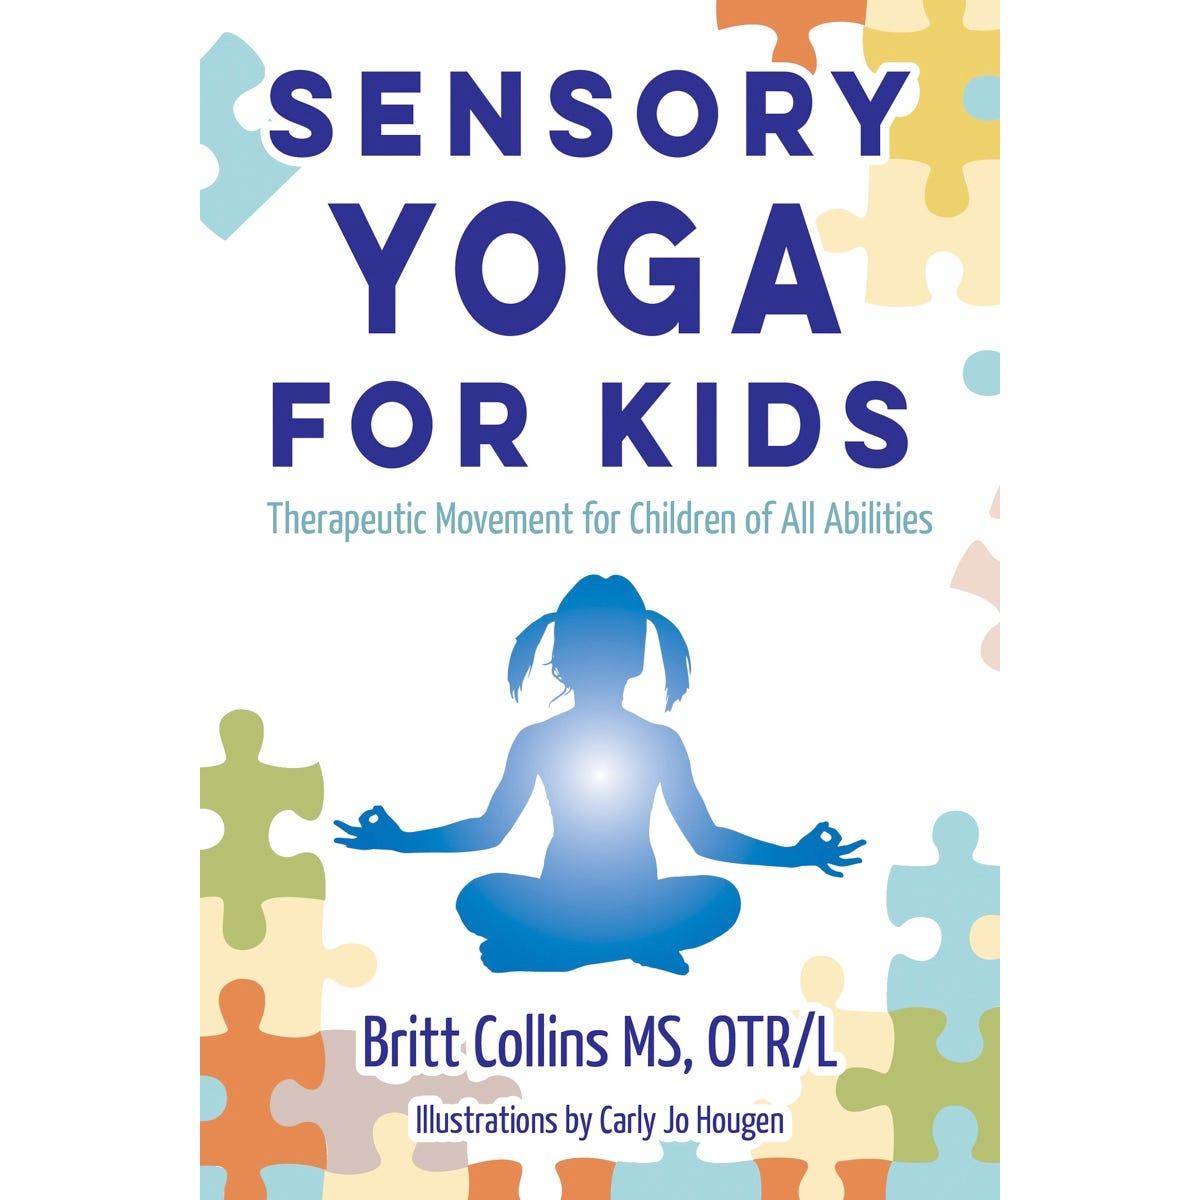 Sensory Yoga for Kids